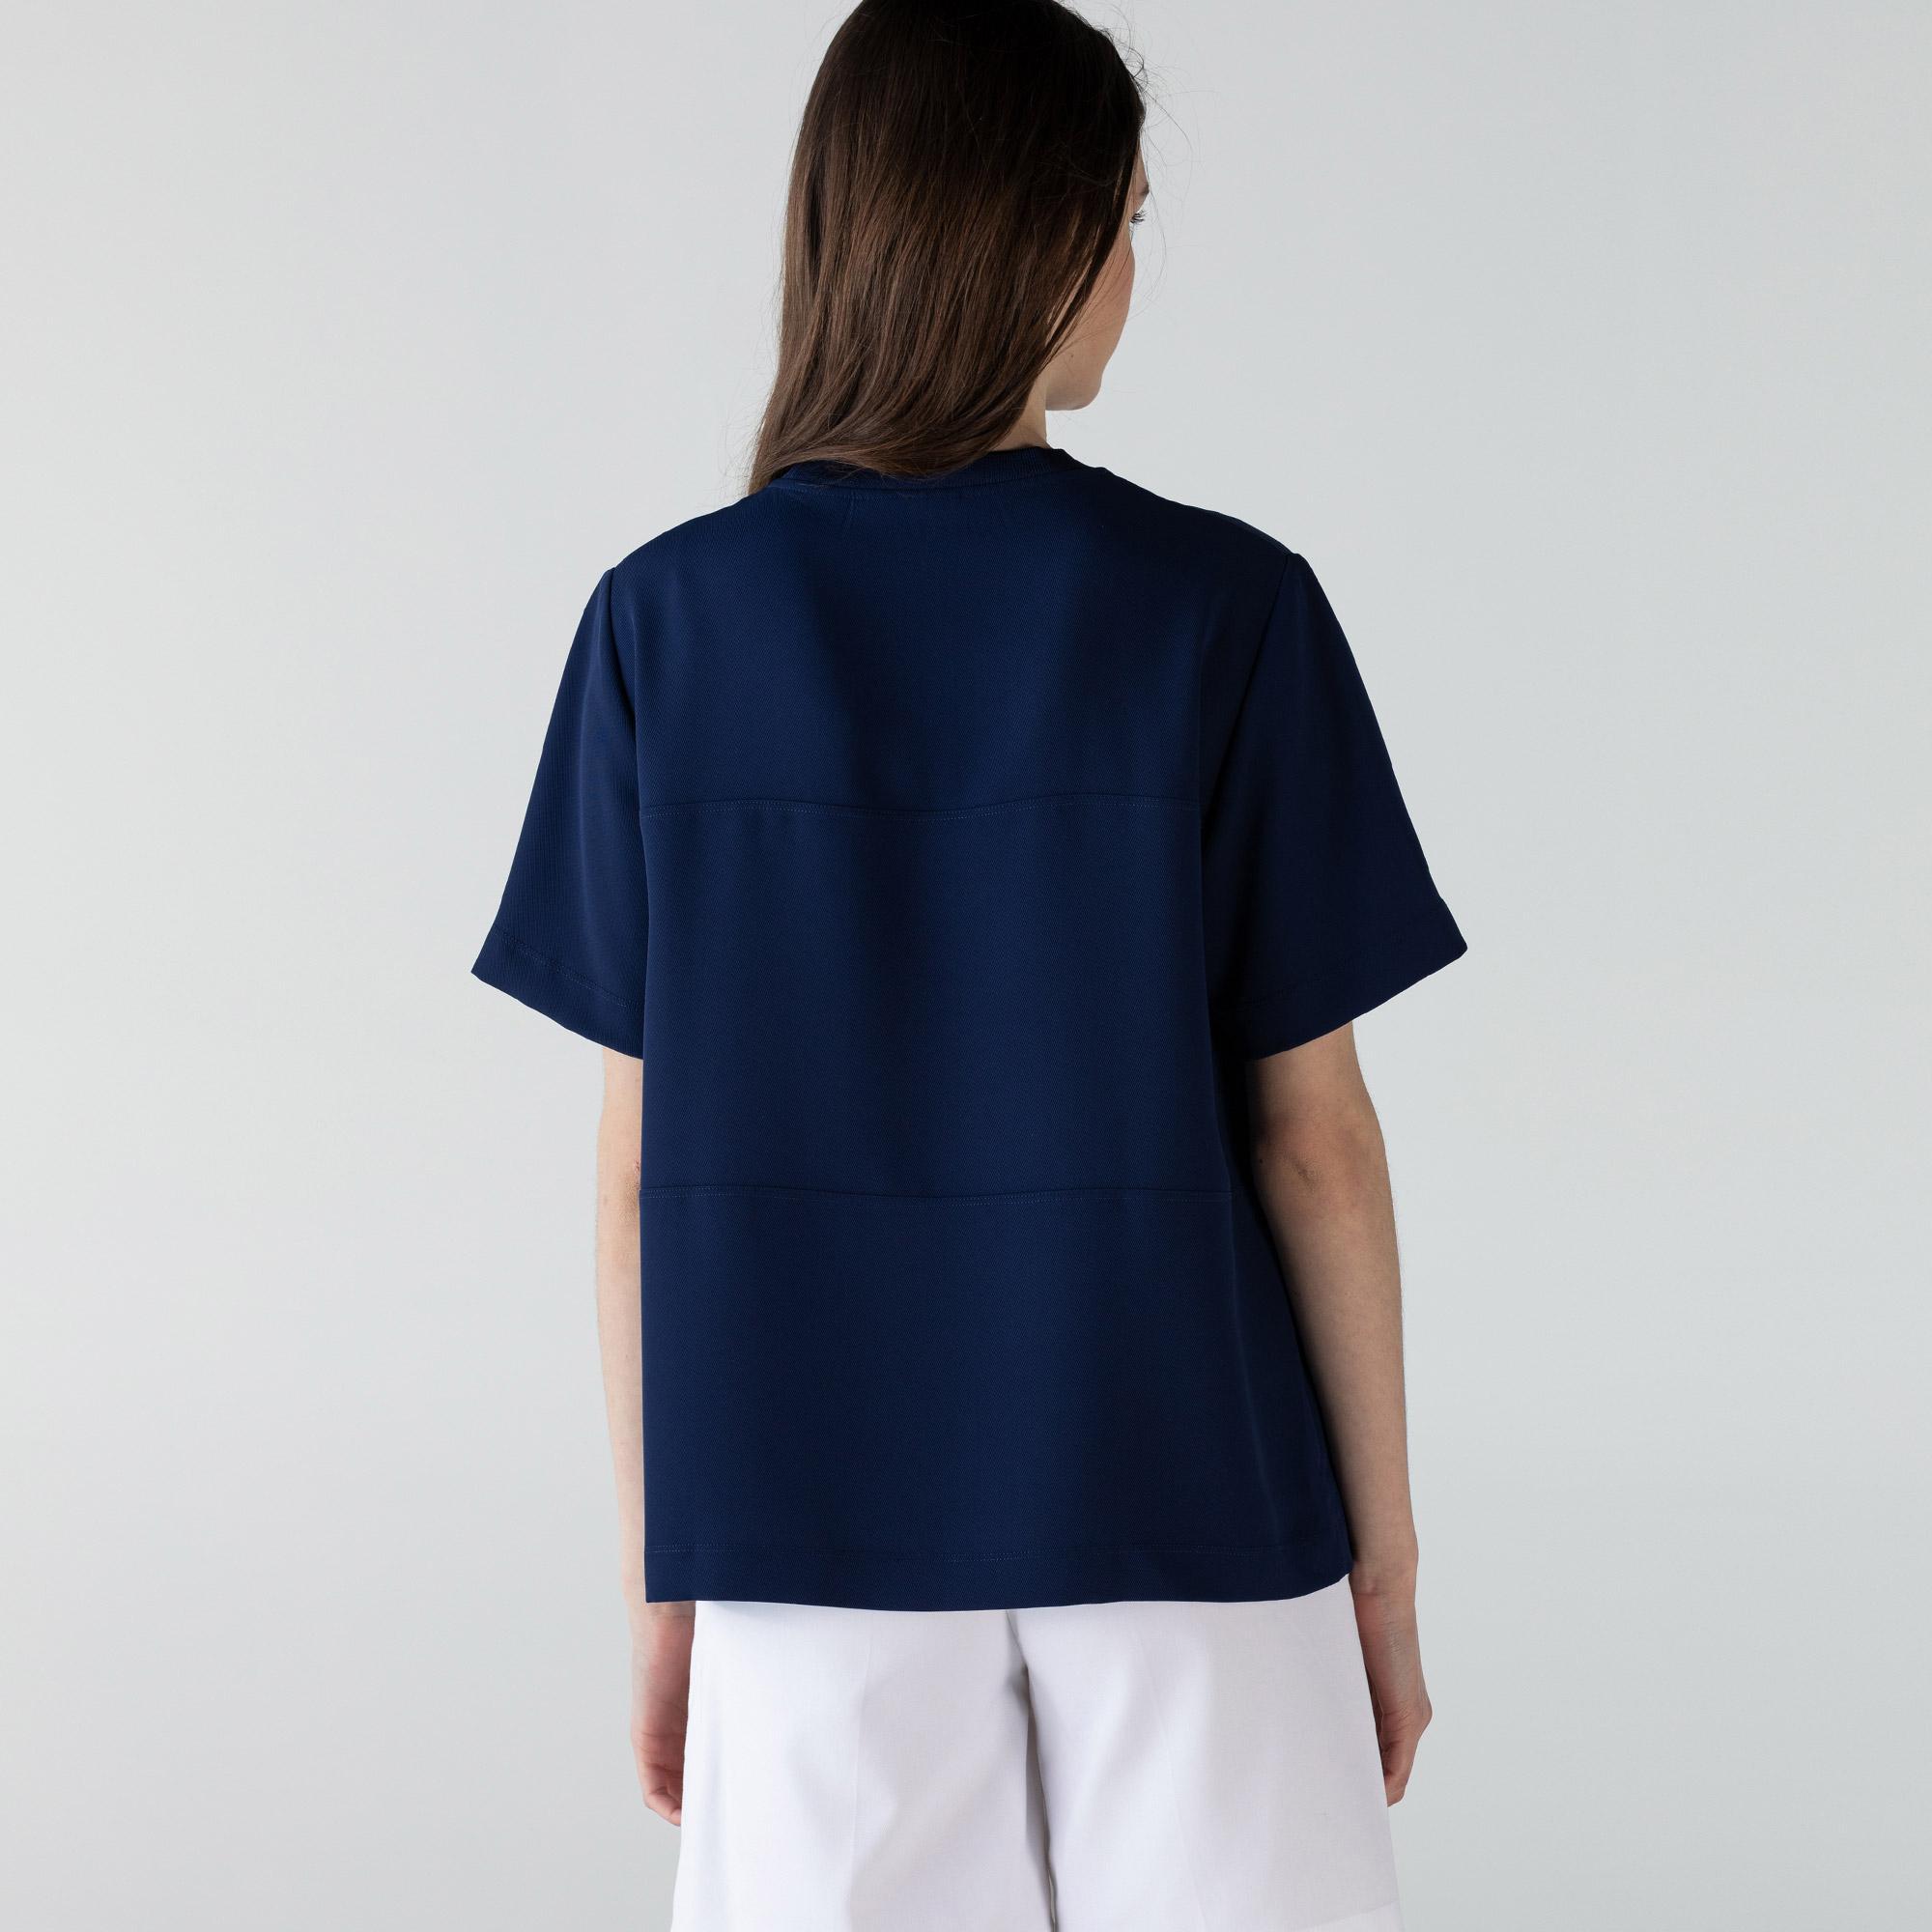 Lacoste Kadın Kısa Kollu Bisiklet Yaka Renk Bloklu Lacivert Gömlek